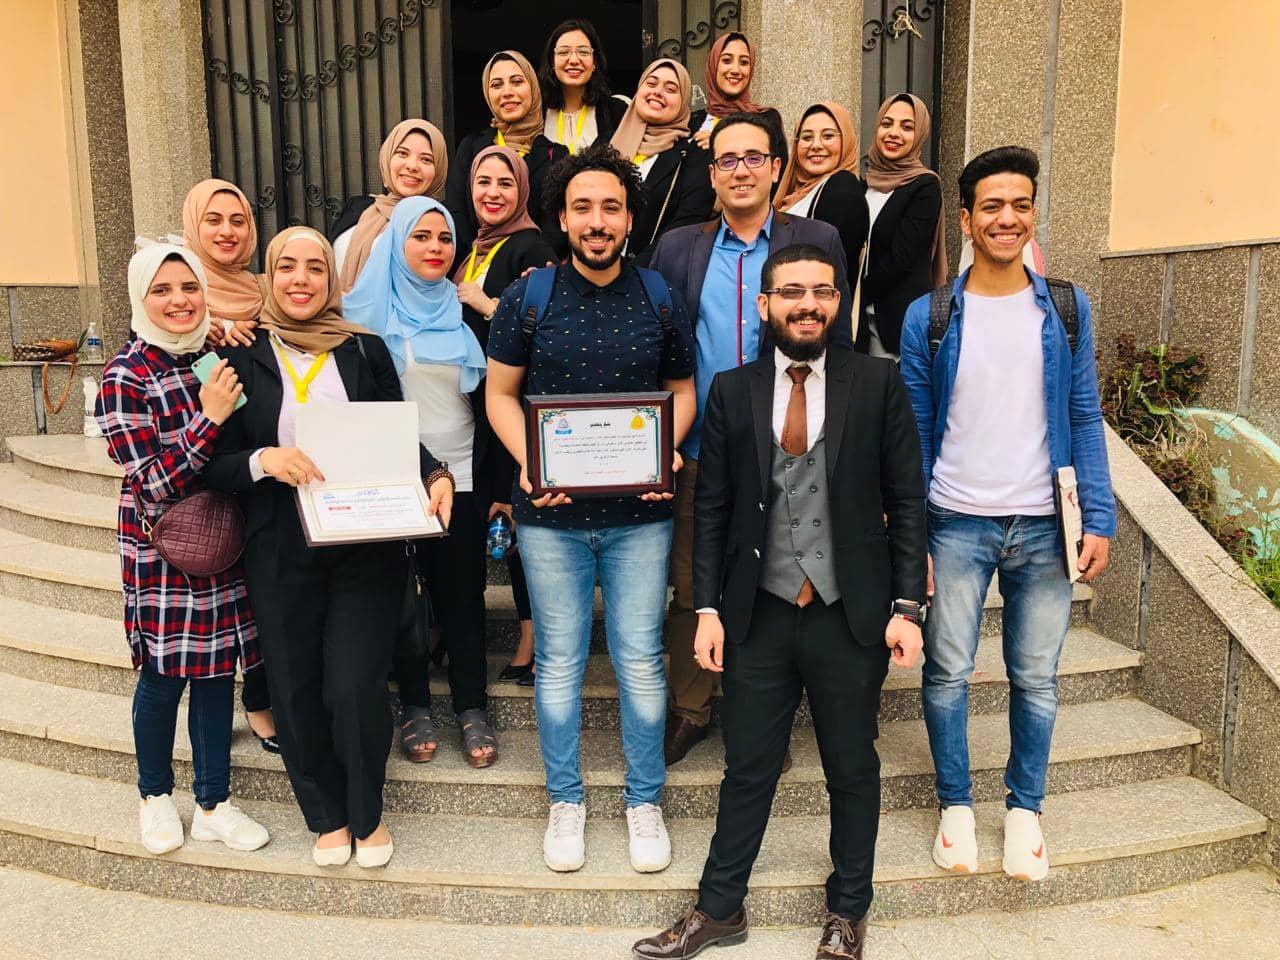 فيلم «هيلا» يحصل على المركز الأول في مشروعات شعبة إذاعة بإعلام الزقازيق